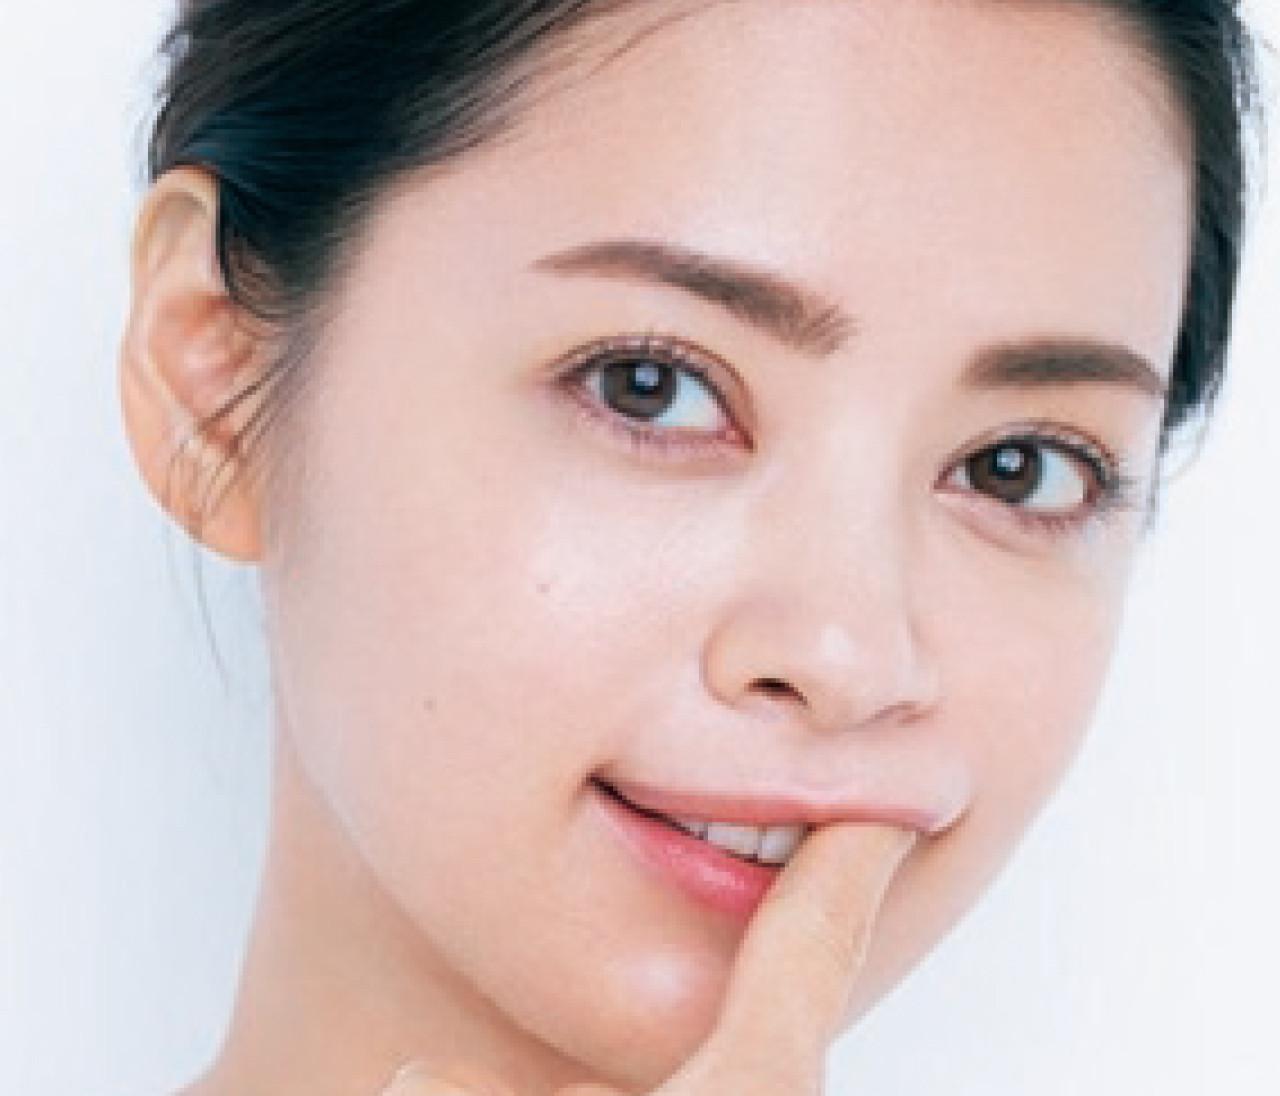 歯の黄ばみ対策と予防、美容のプロはどうしてる?【2020-2021厄払い美容5】